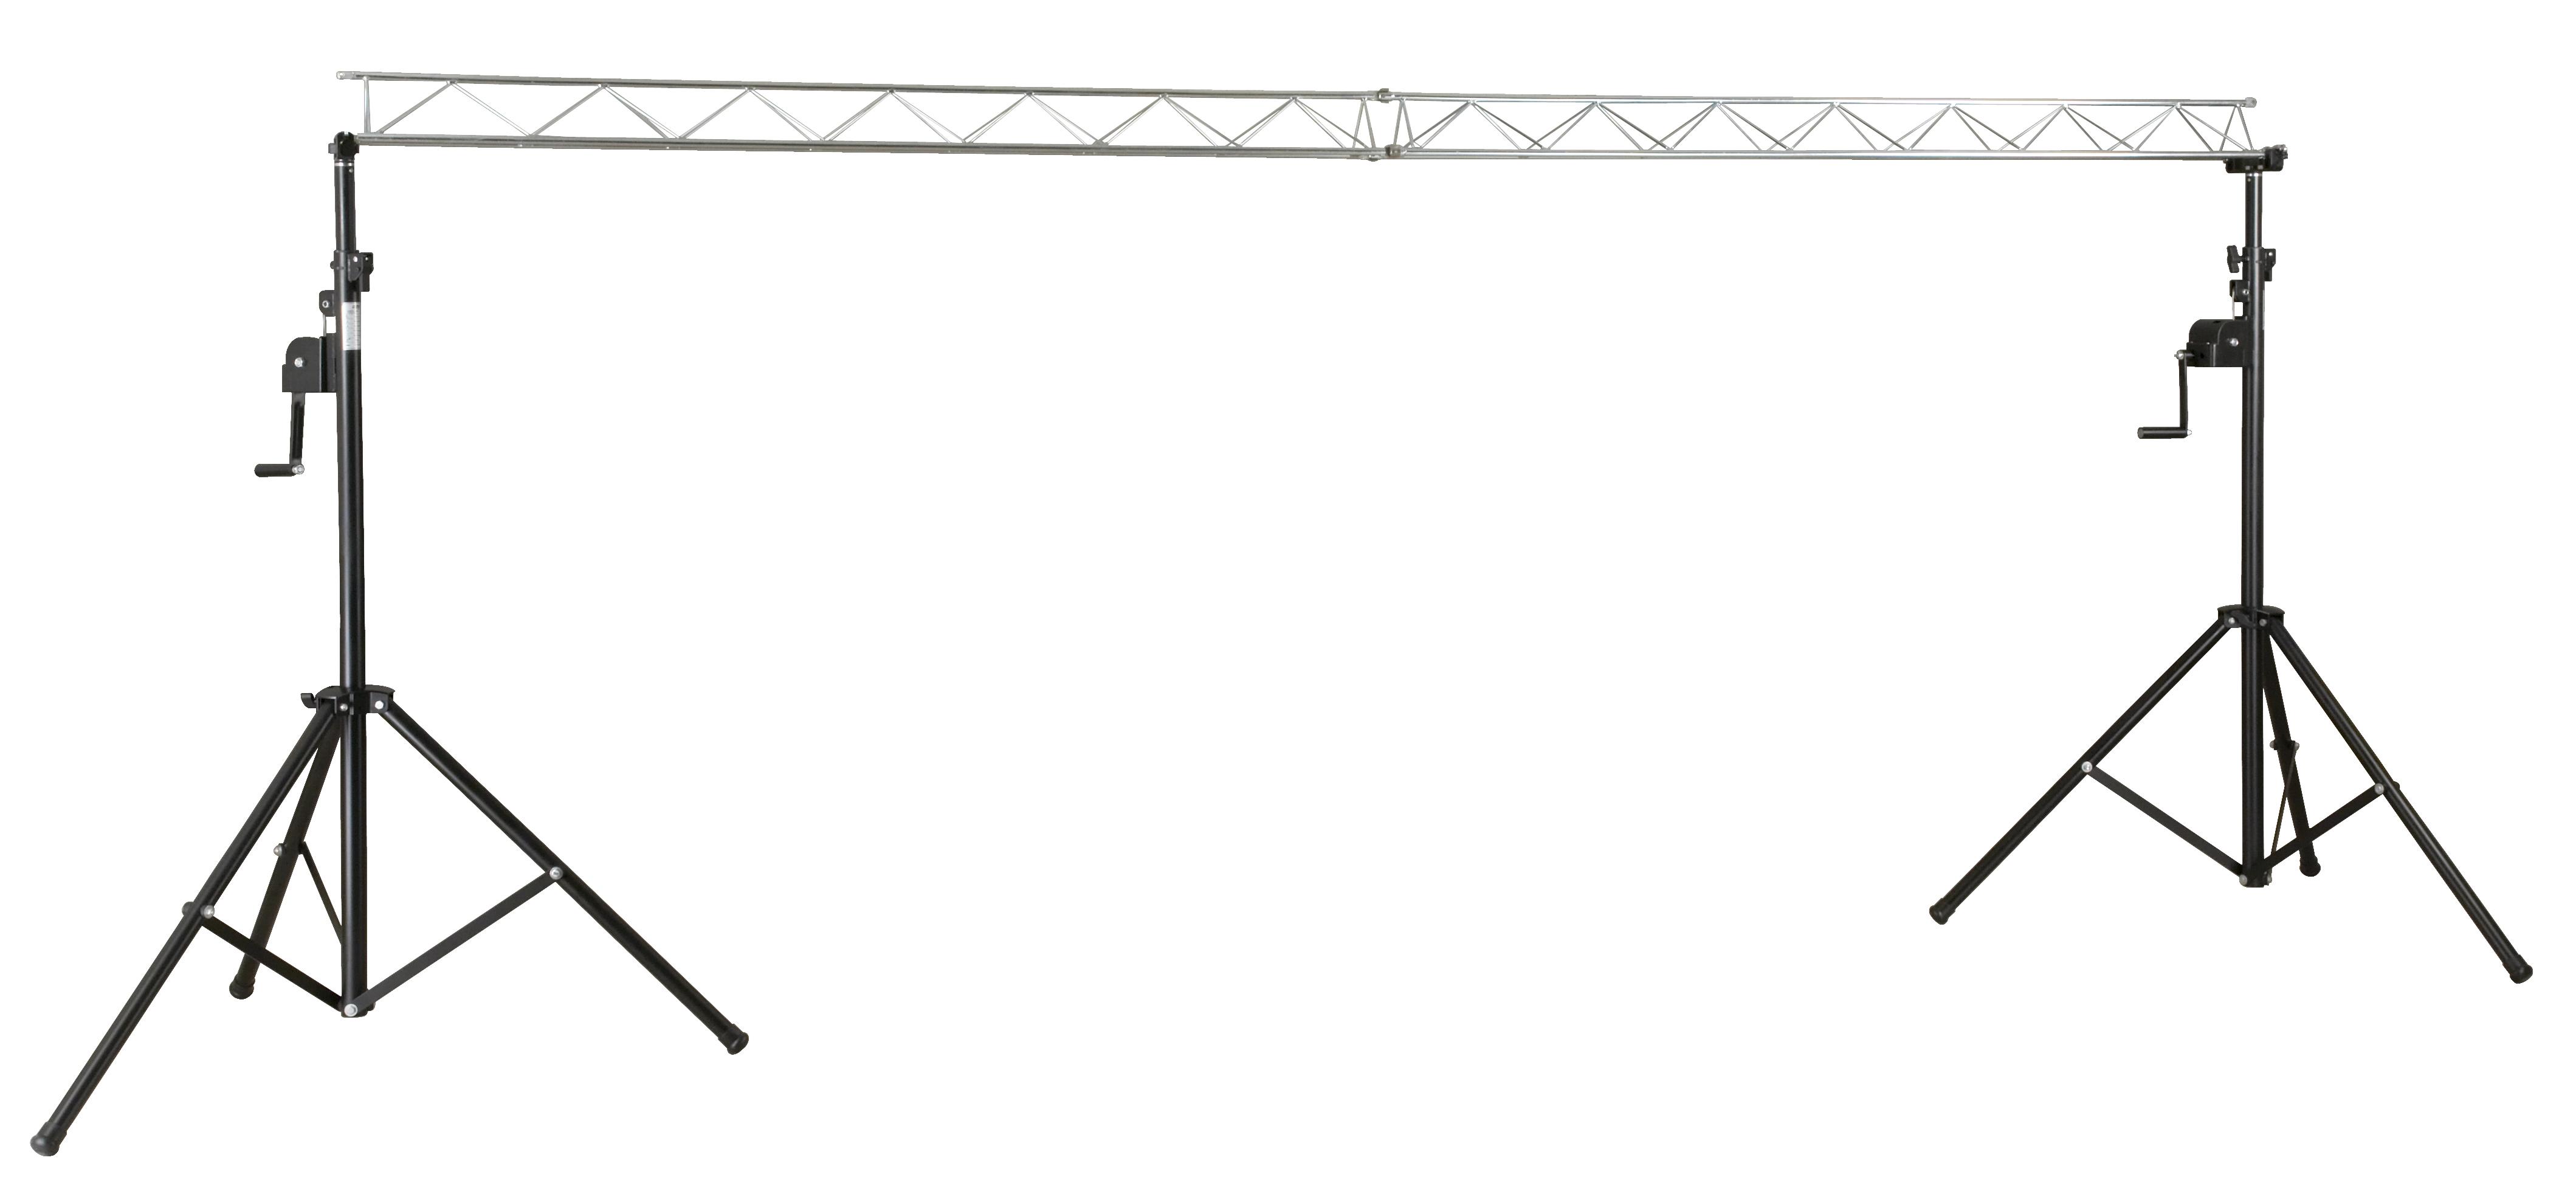 cloud night starter truss puente de acero xm para efectos iluminacion